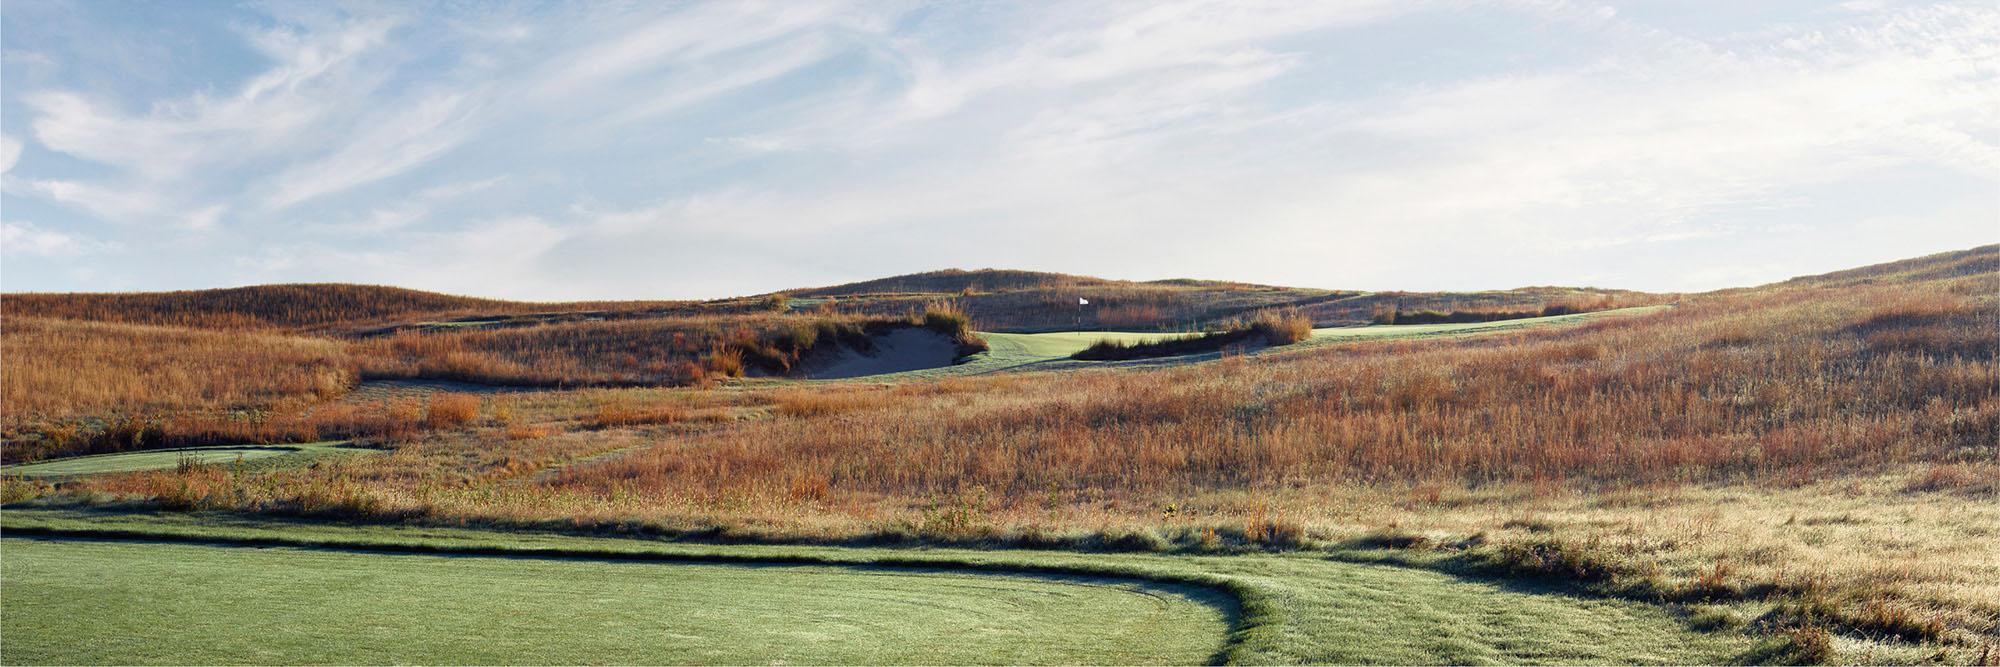 Golf Course Image - Wild Horse No. 11